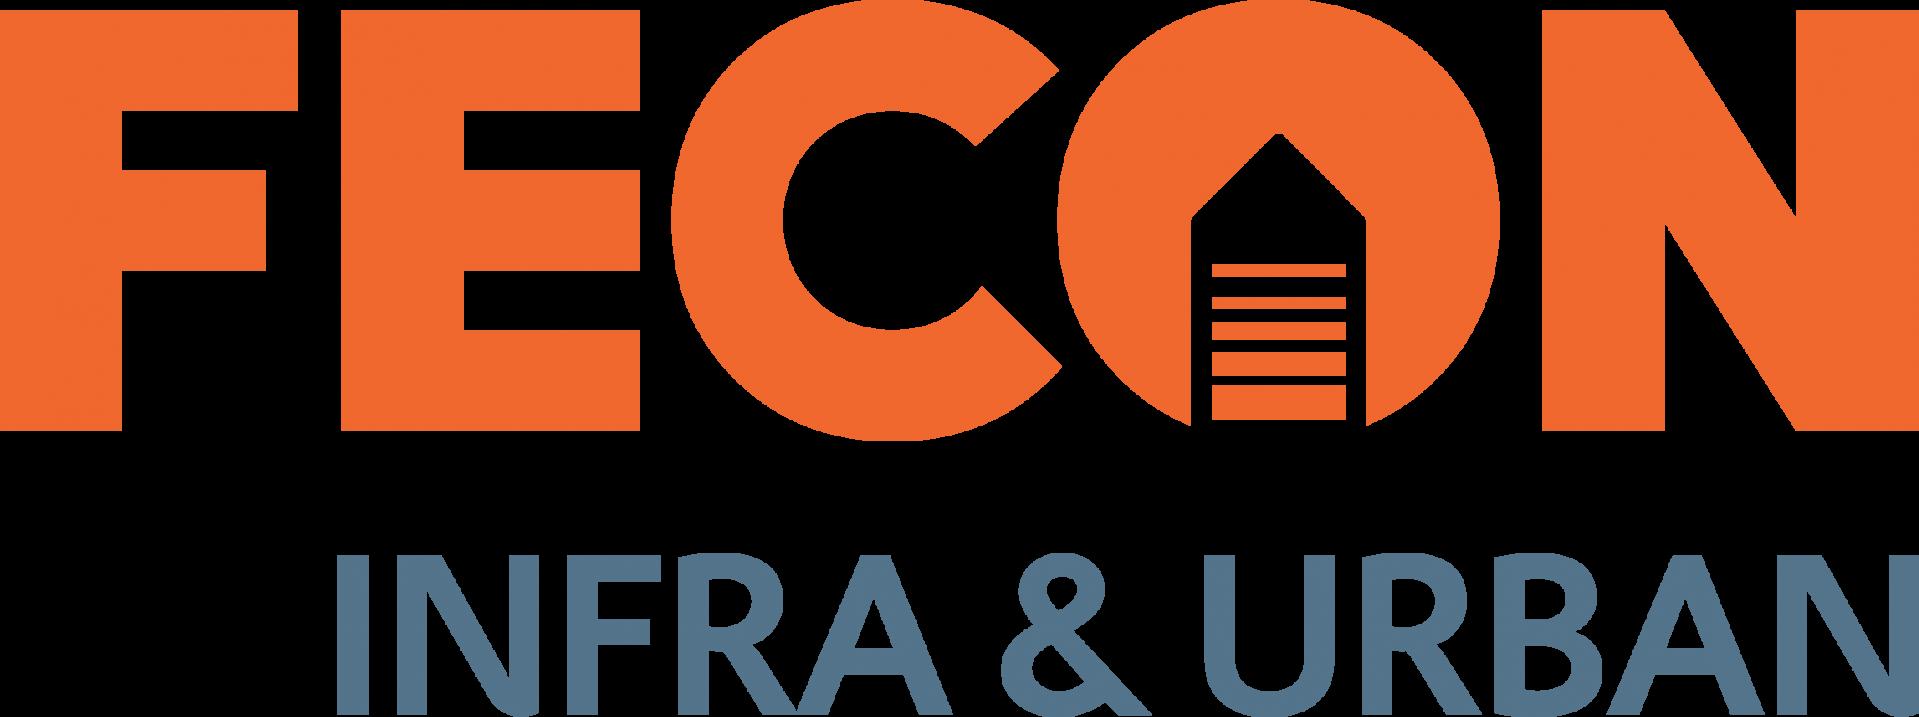 CÔNG TY CỔ PHẦN HẠ TẦNG VÀ PHÁT TRIỂN ĐÔ THỊ FECON (FC I&U)